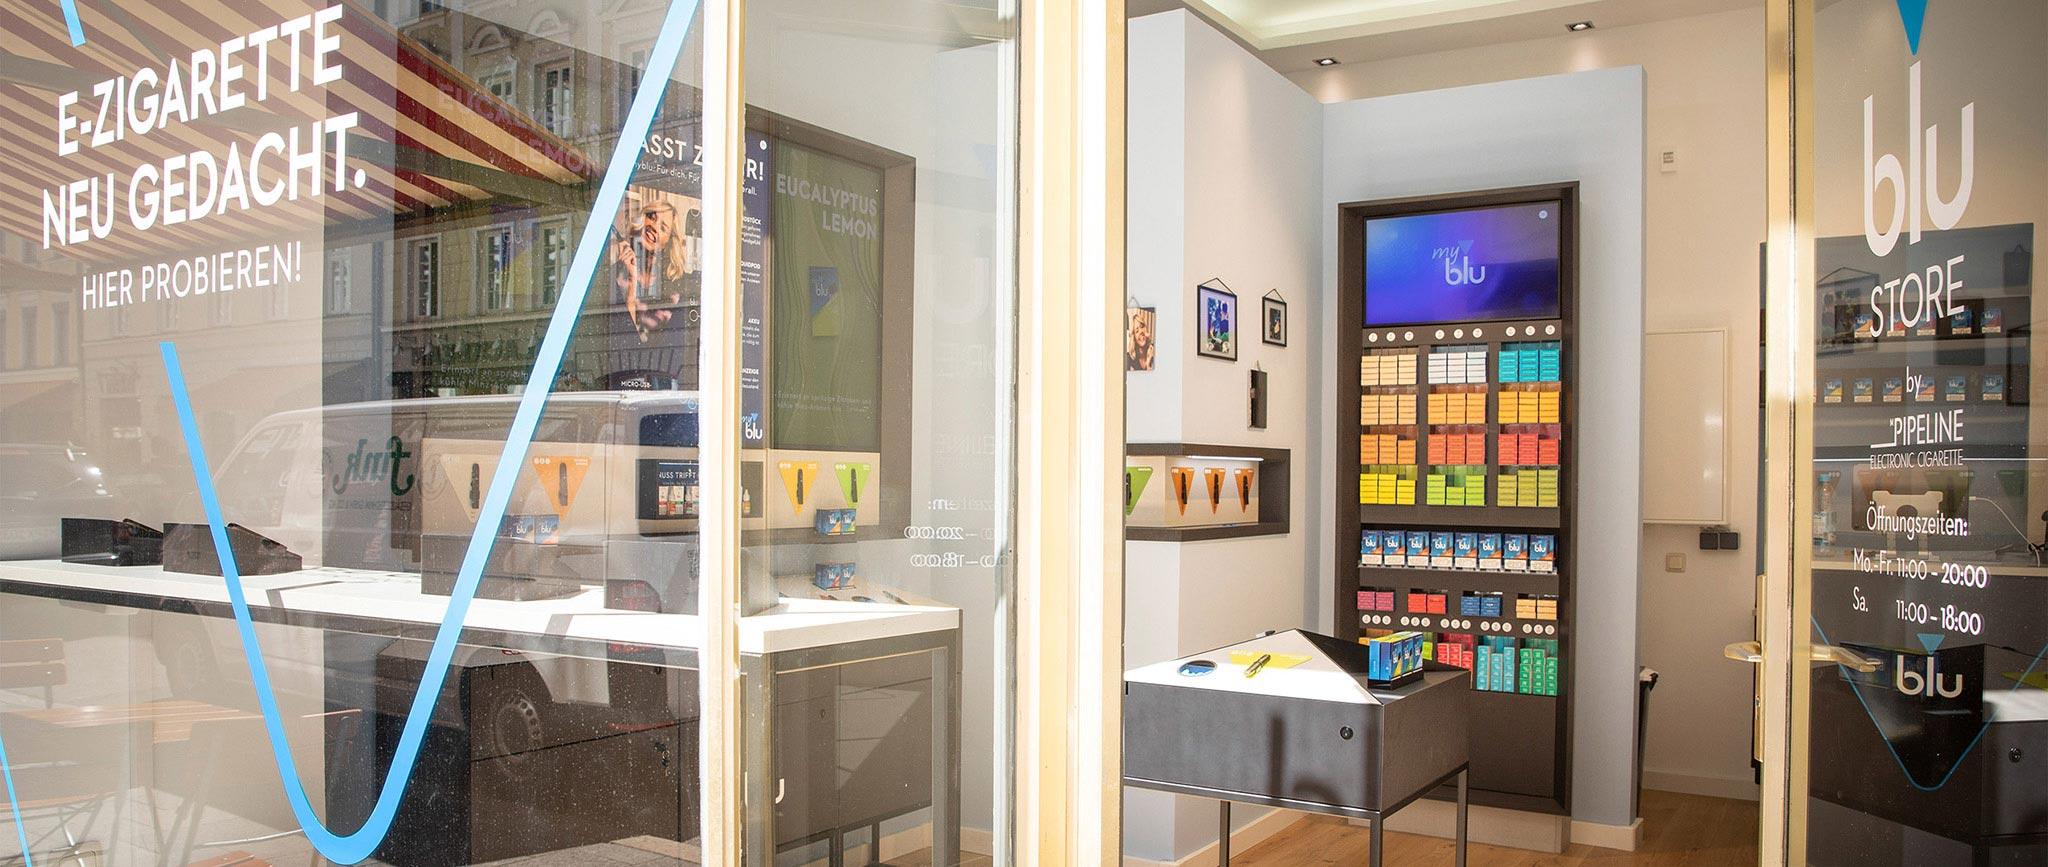 blu Shop-in-Shop System: Shopdesign von Agentur Preussisch Portugal aus Hamburg